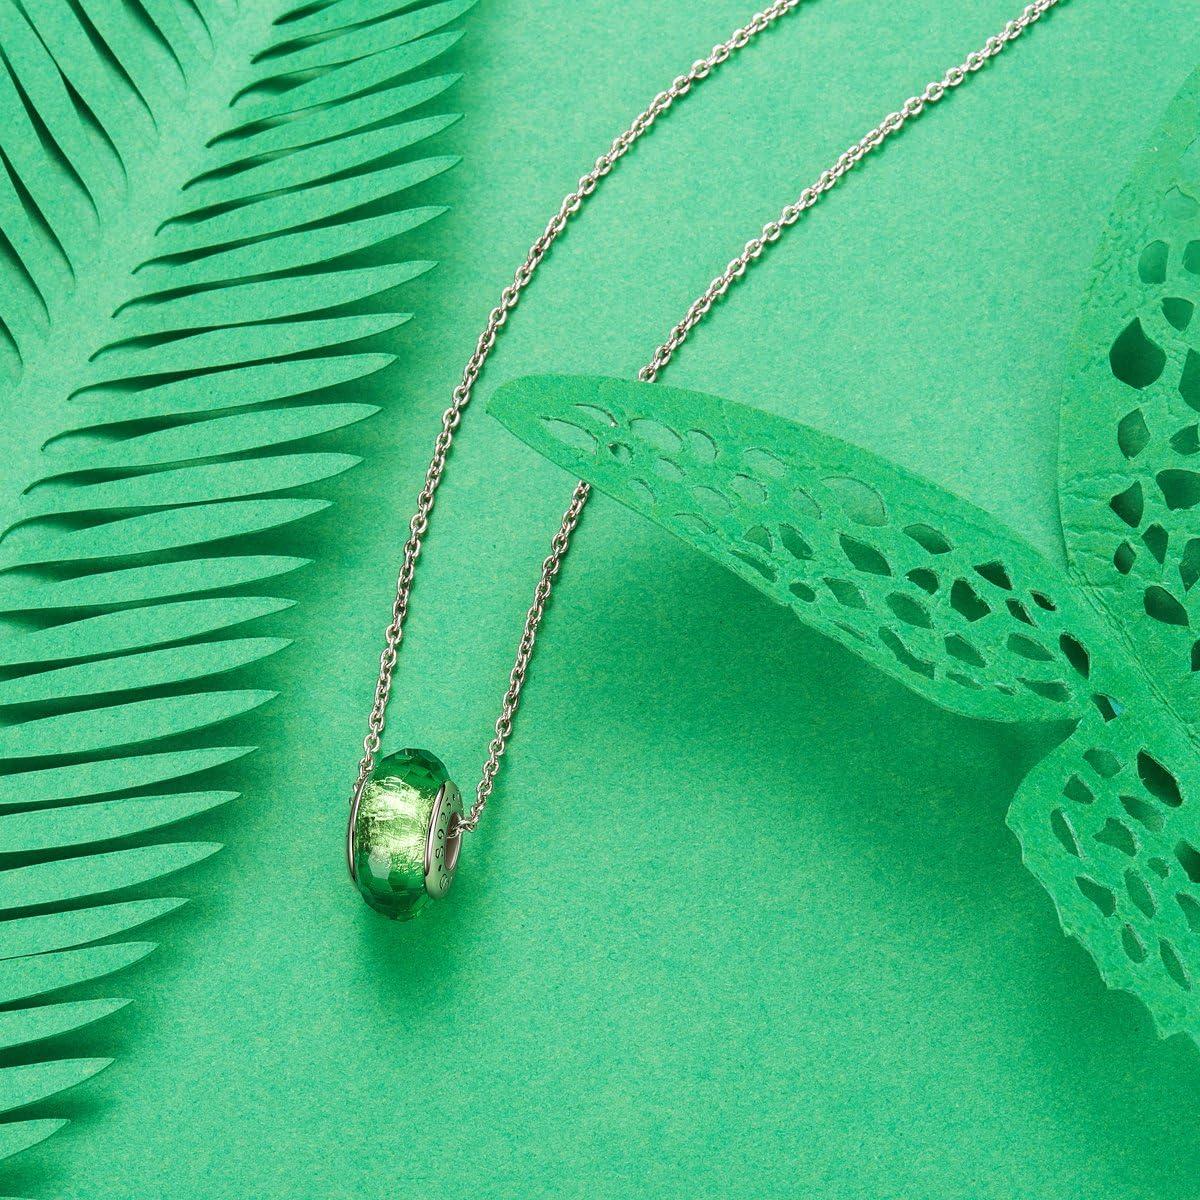 TinySand Couleurs au Choix Decorative Charm de Perle en Verre de Murano et 925 Argent Compatible pour Bracelets Europeens